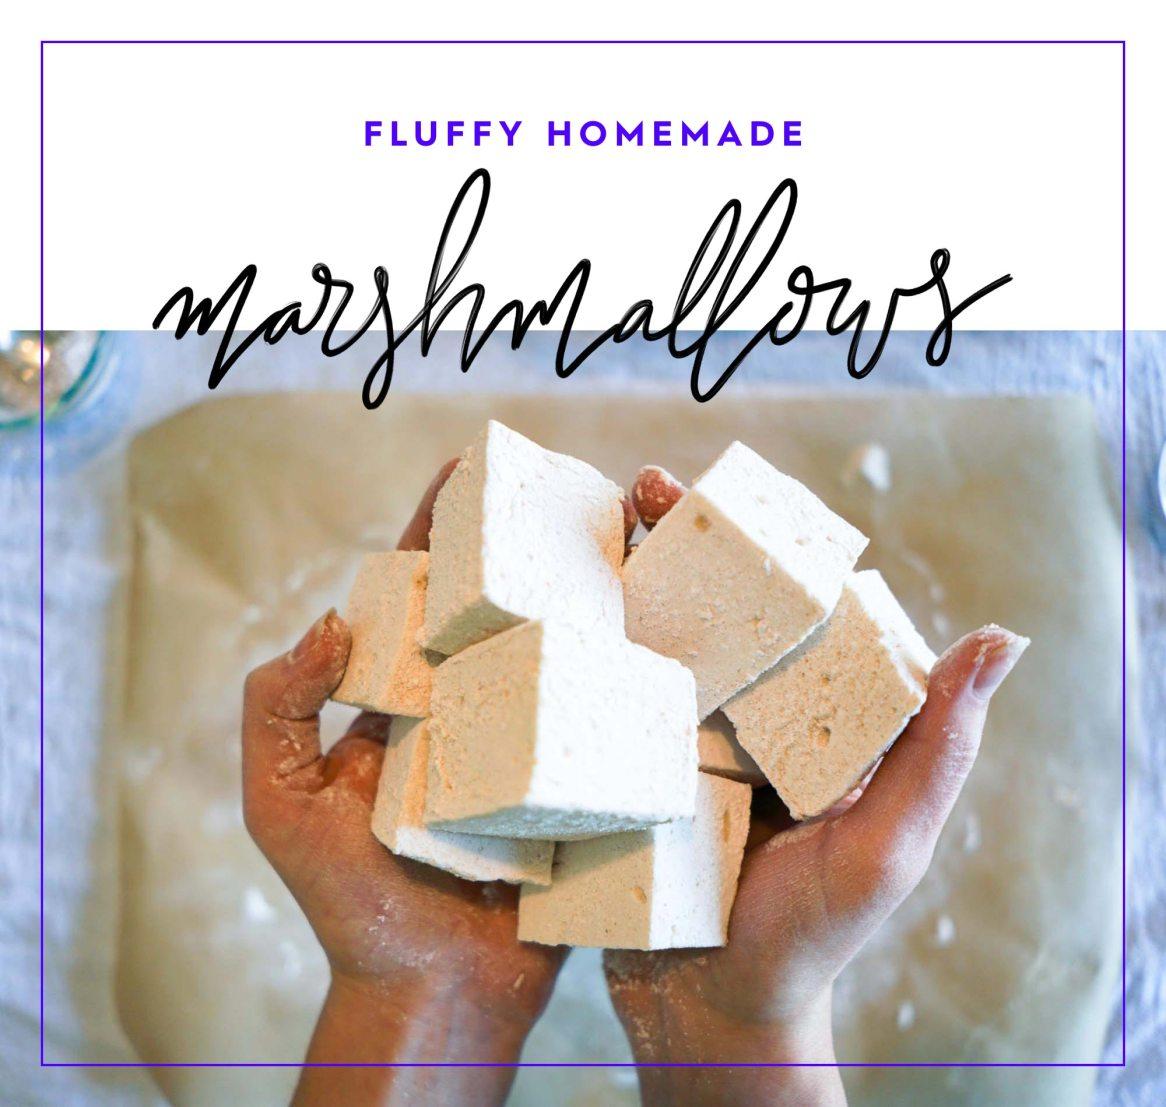 marshmallow-title